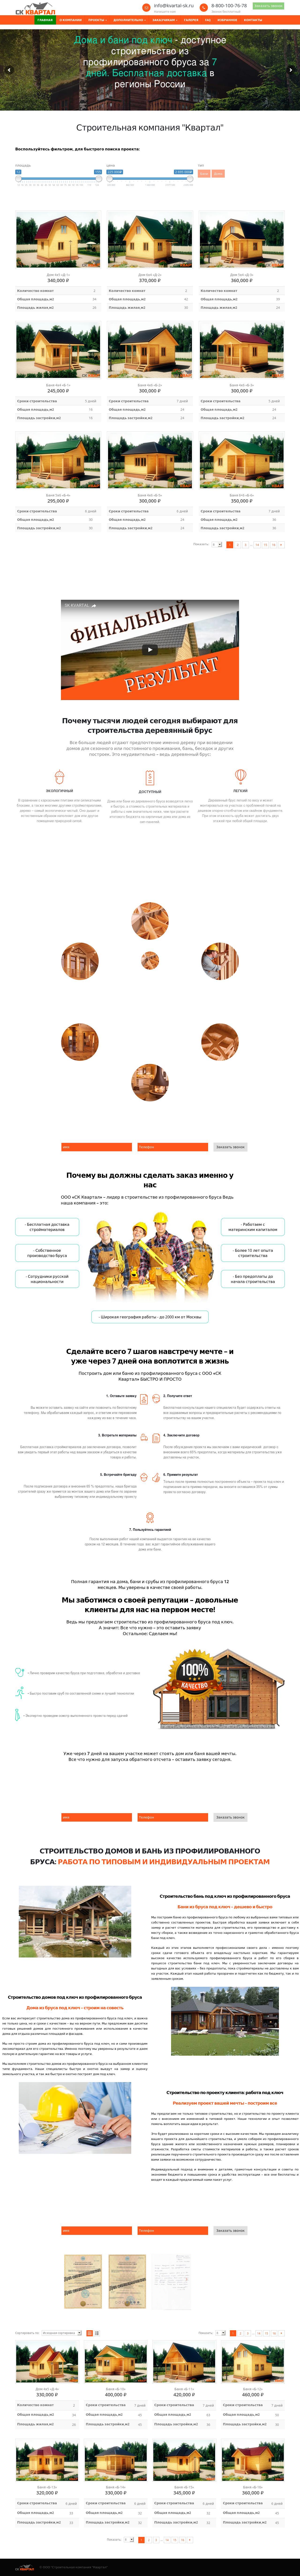 Сайт - каталог для строительной компании домов и бань из бруса